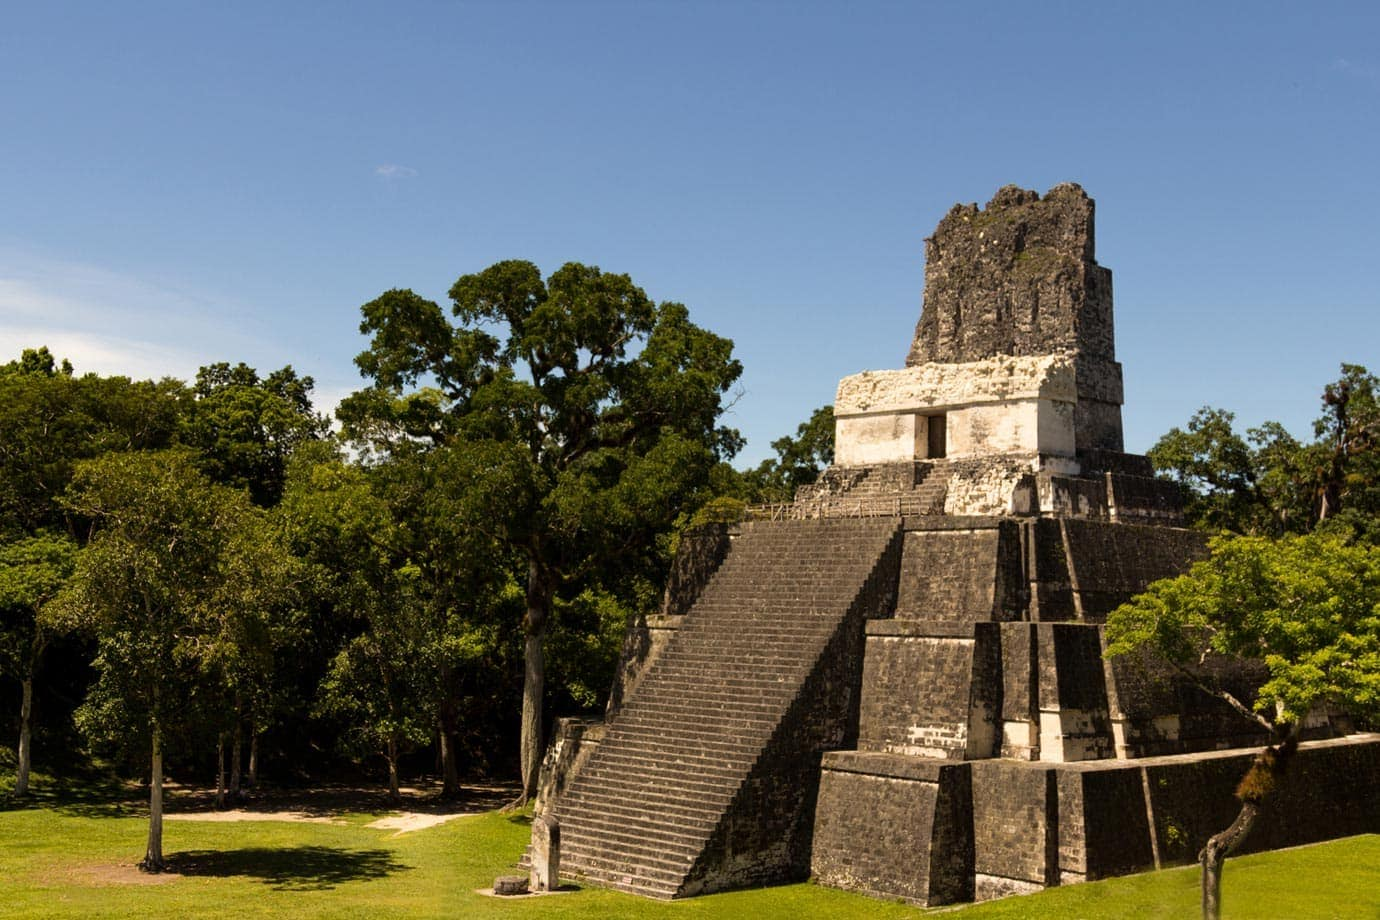 Taking in Tikal